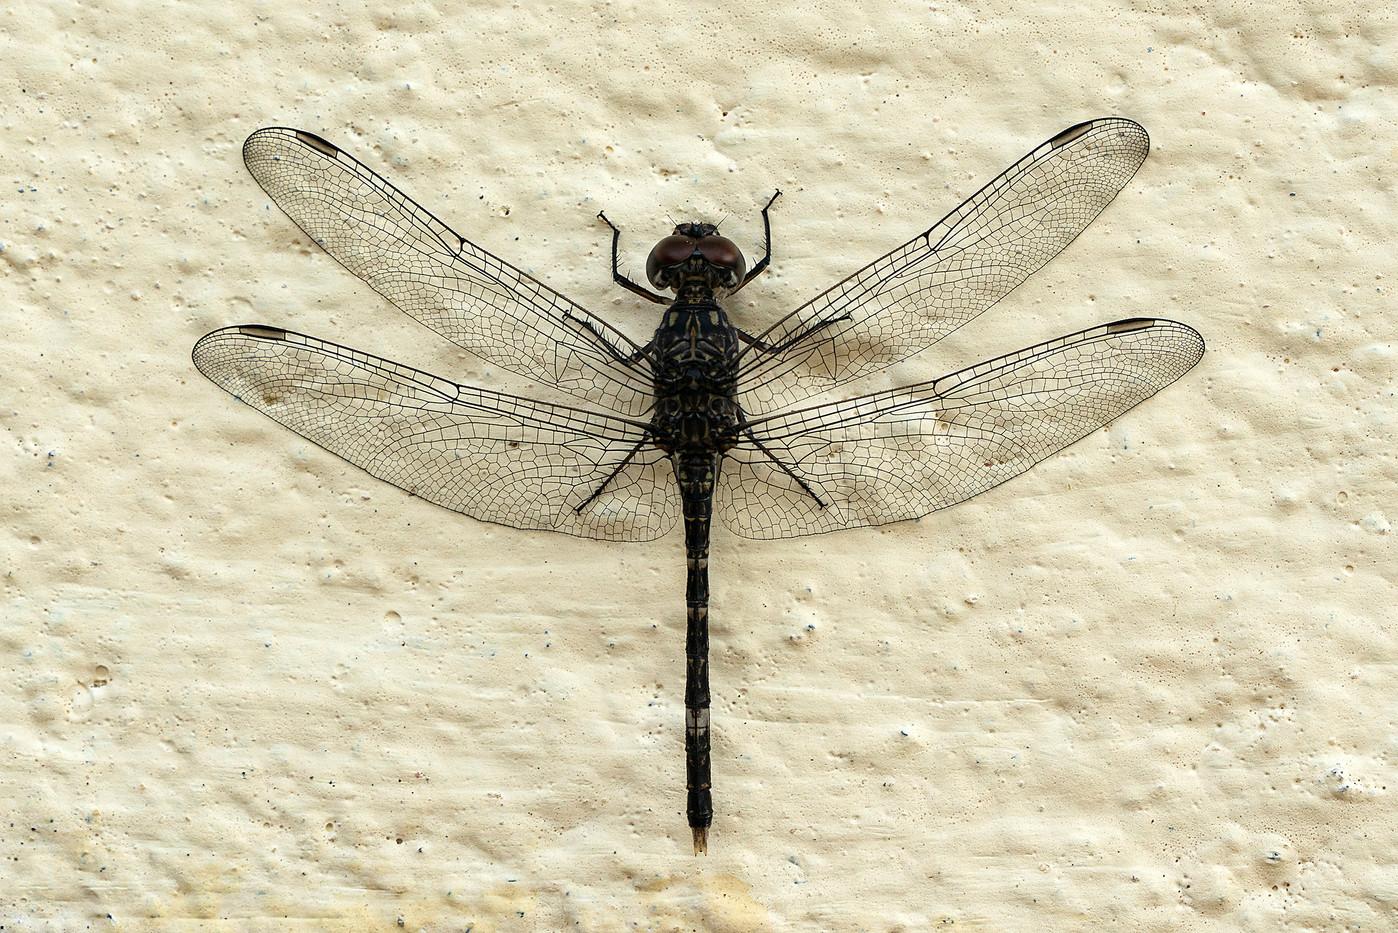 Dragonfly in Pangani, Tanzania